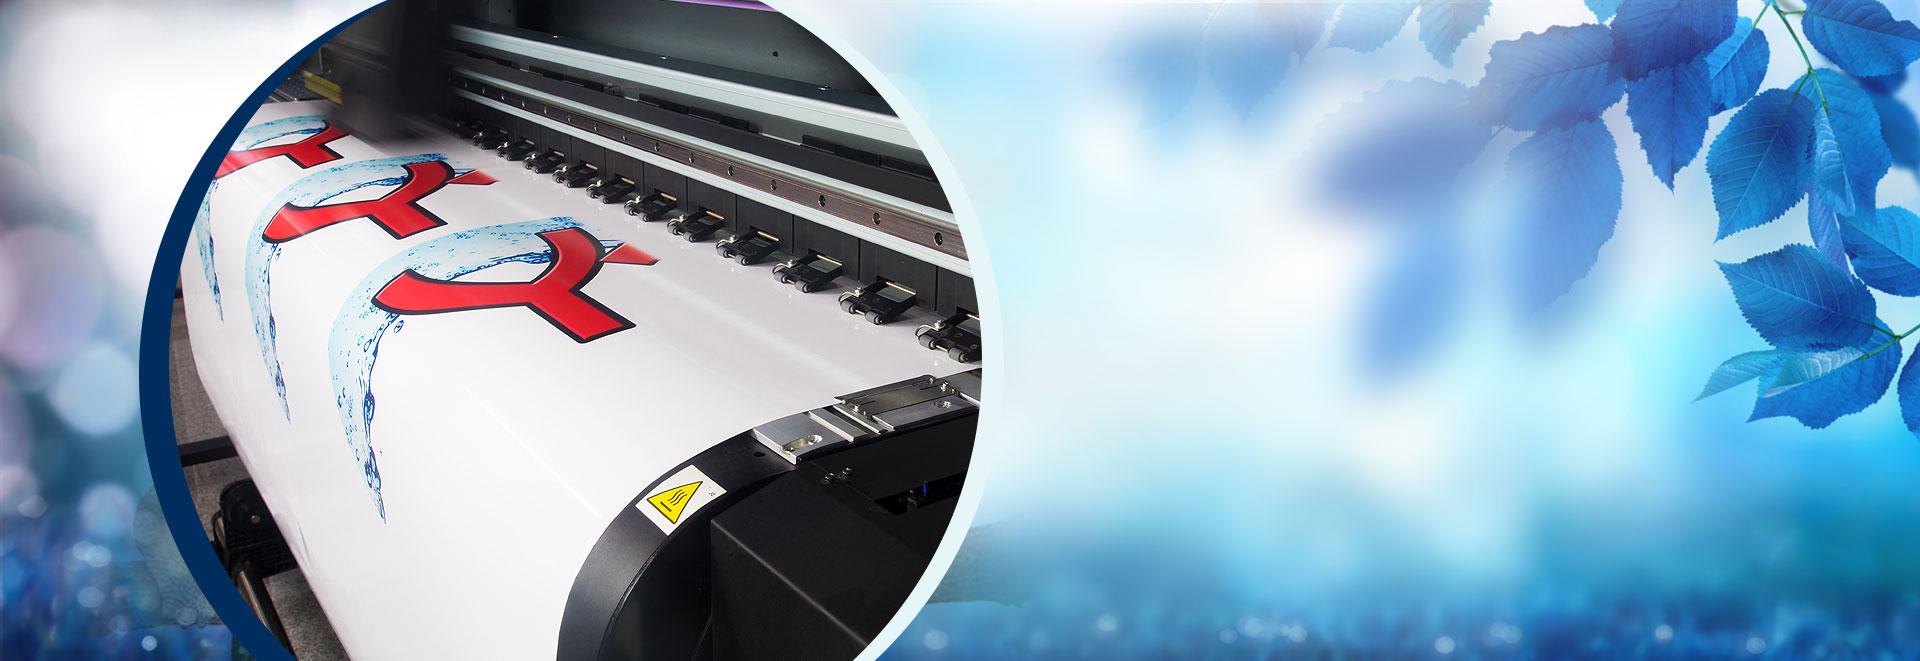 Hochwertiger Digitaldruck